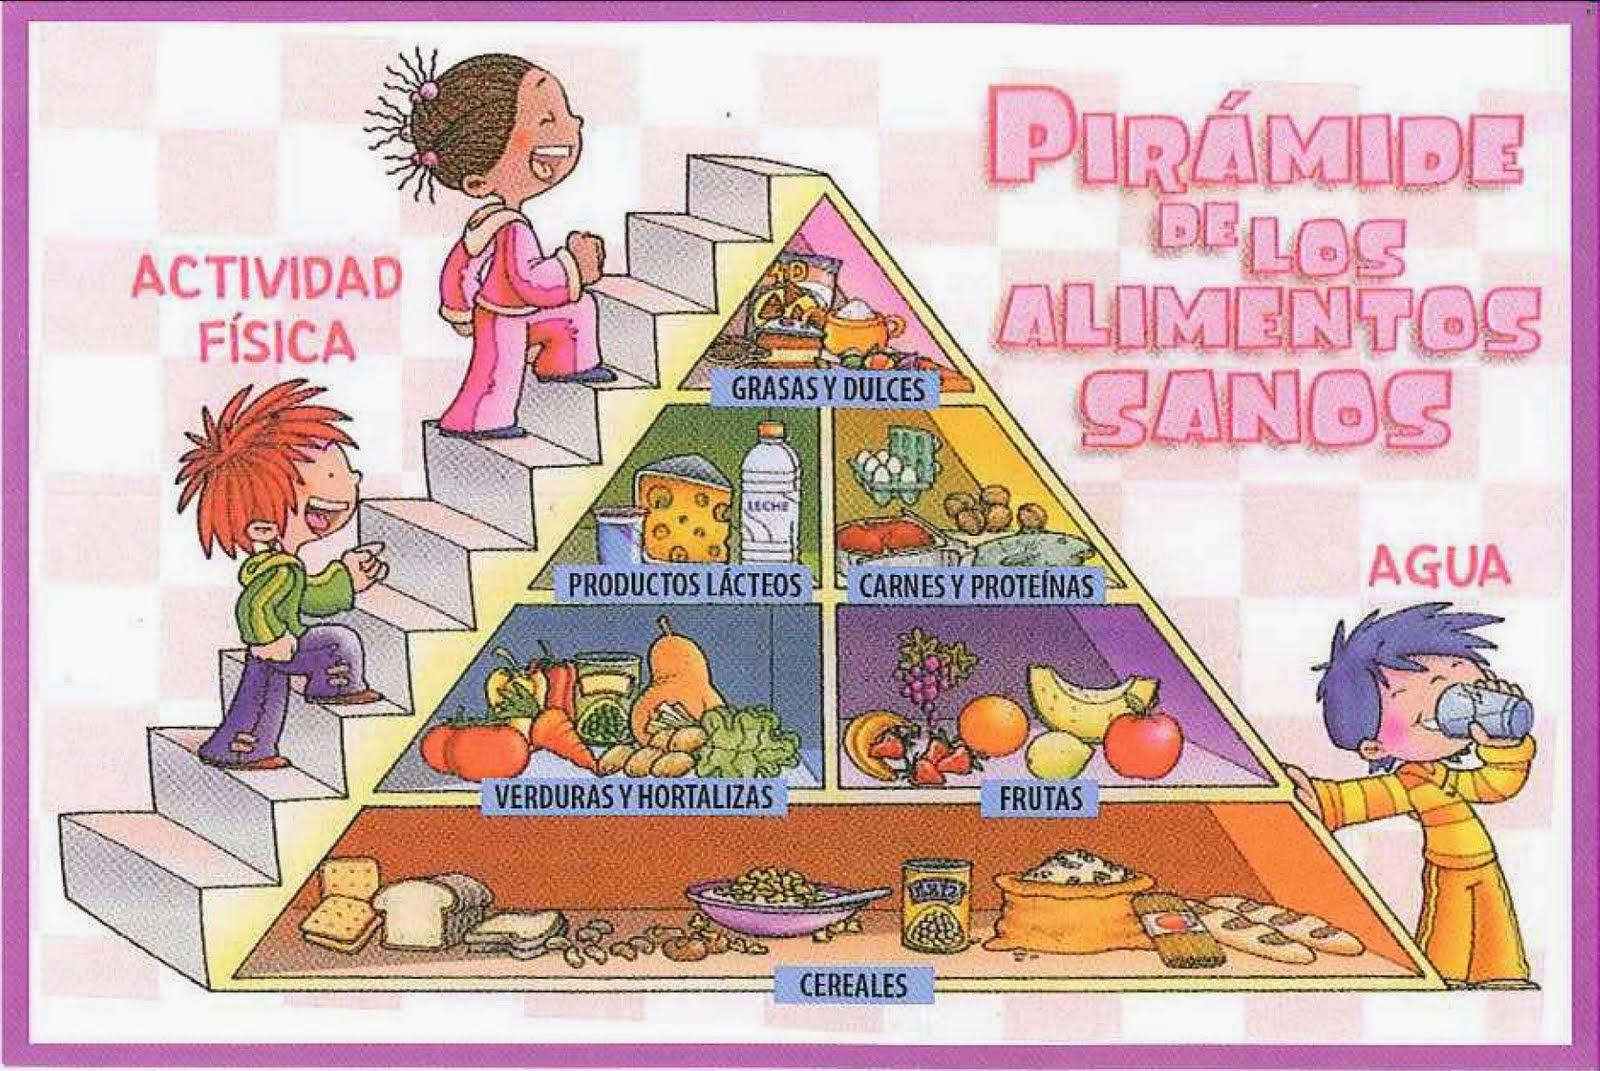 La educaci n f sica en nuestro cole la pir mide de la alimentaci n - Piramides de alimentos saludables ...